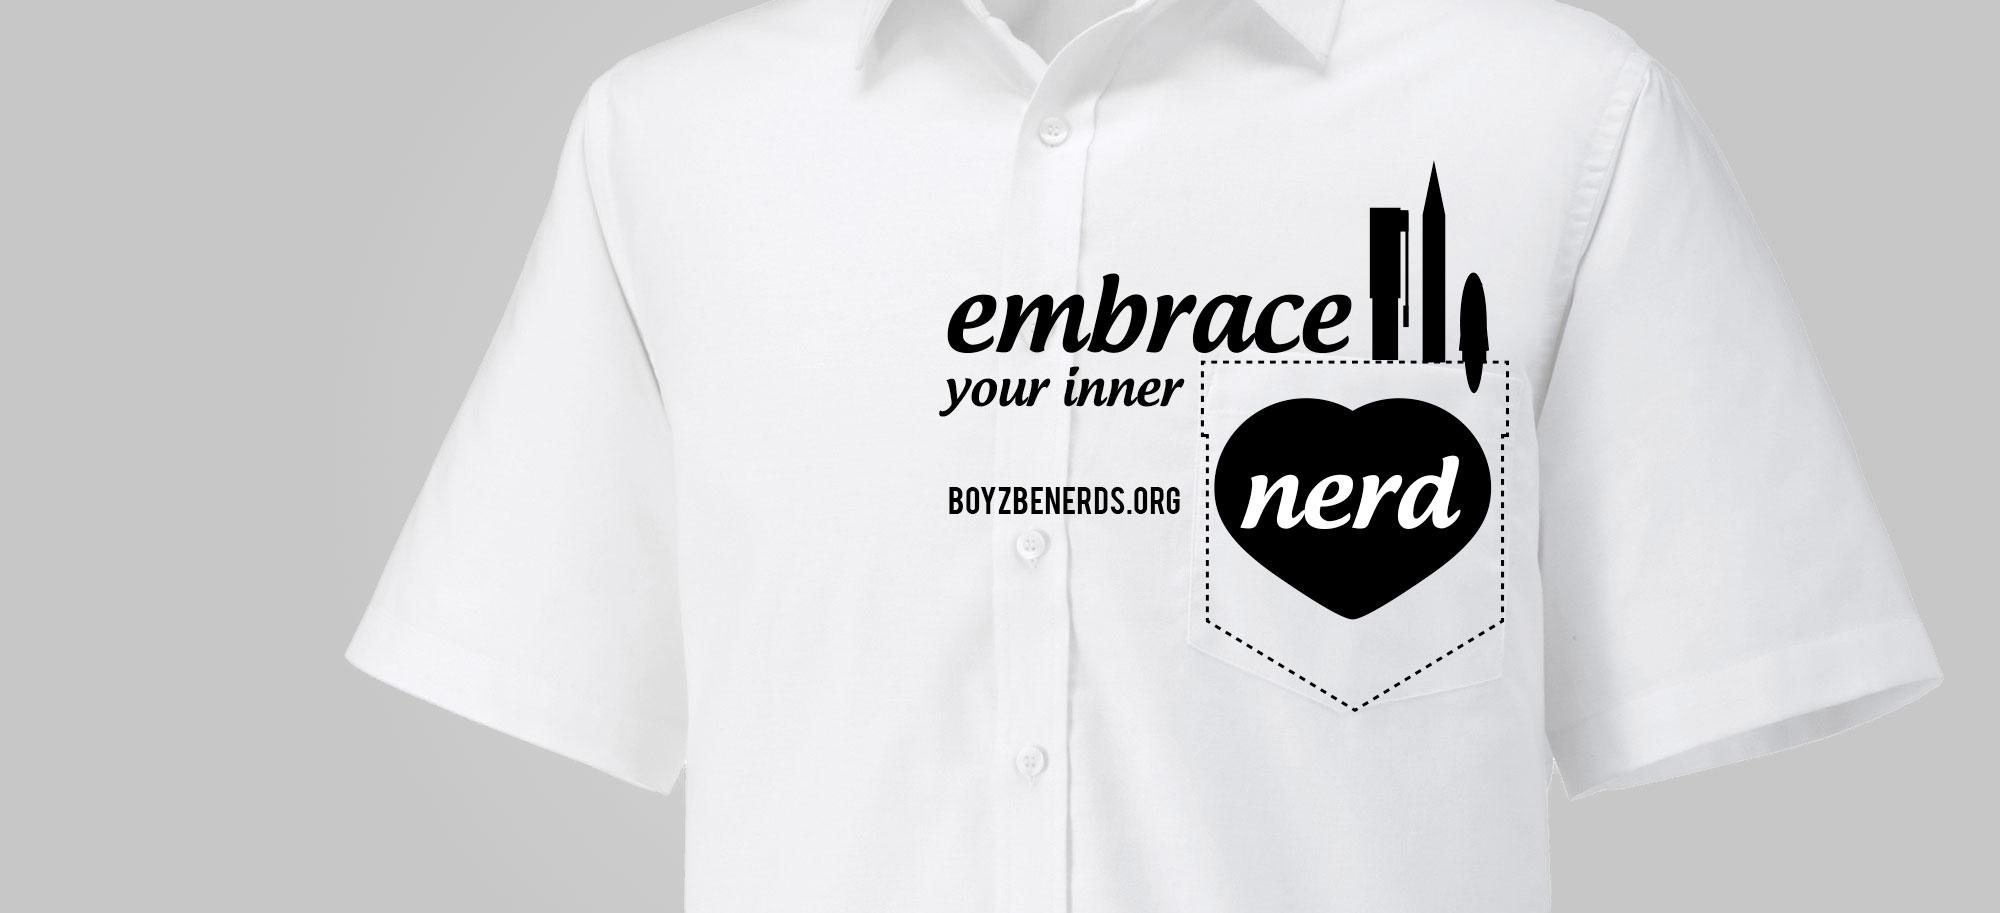 Embrance your inner nerd - shirt illustration